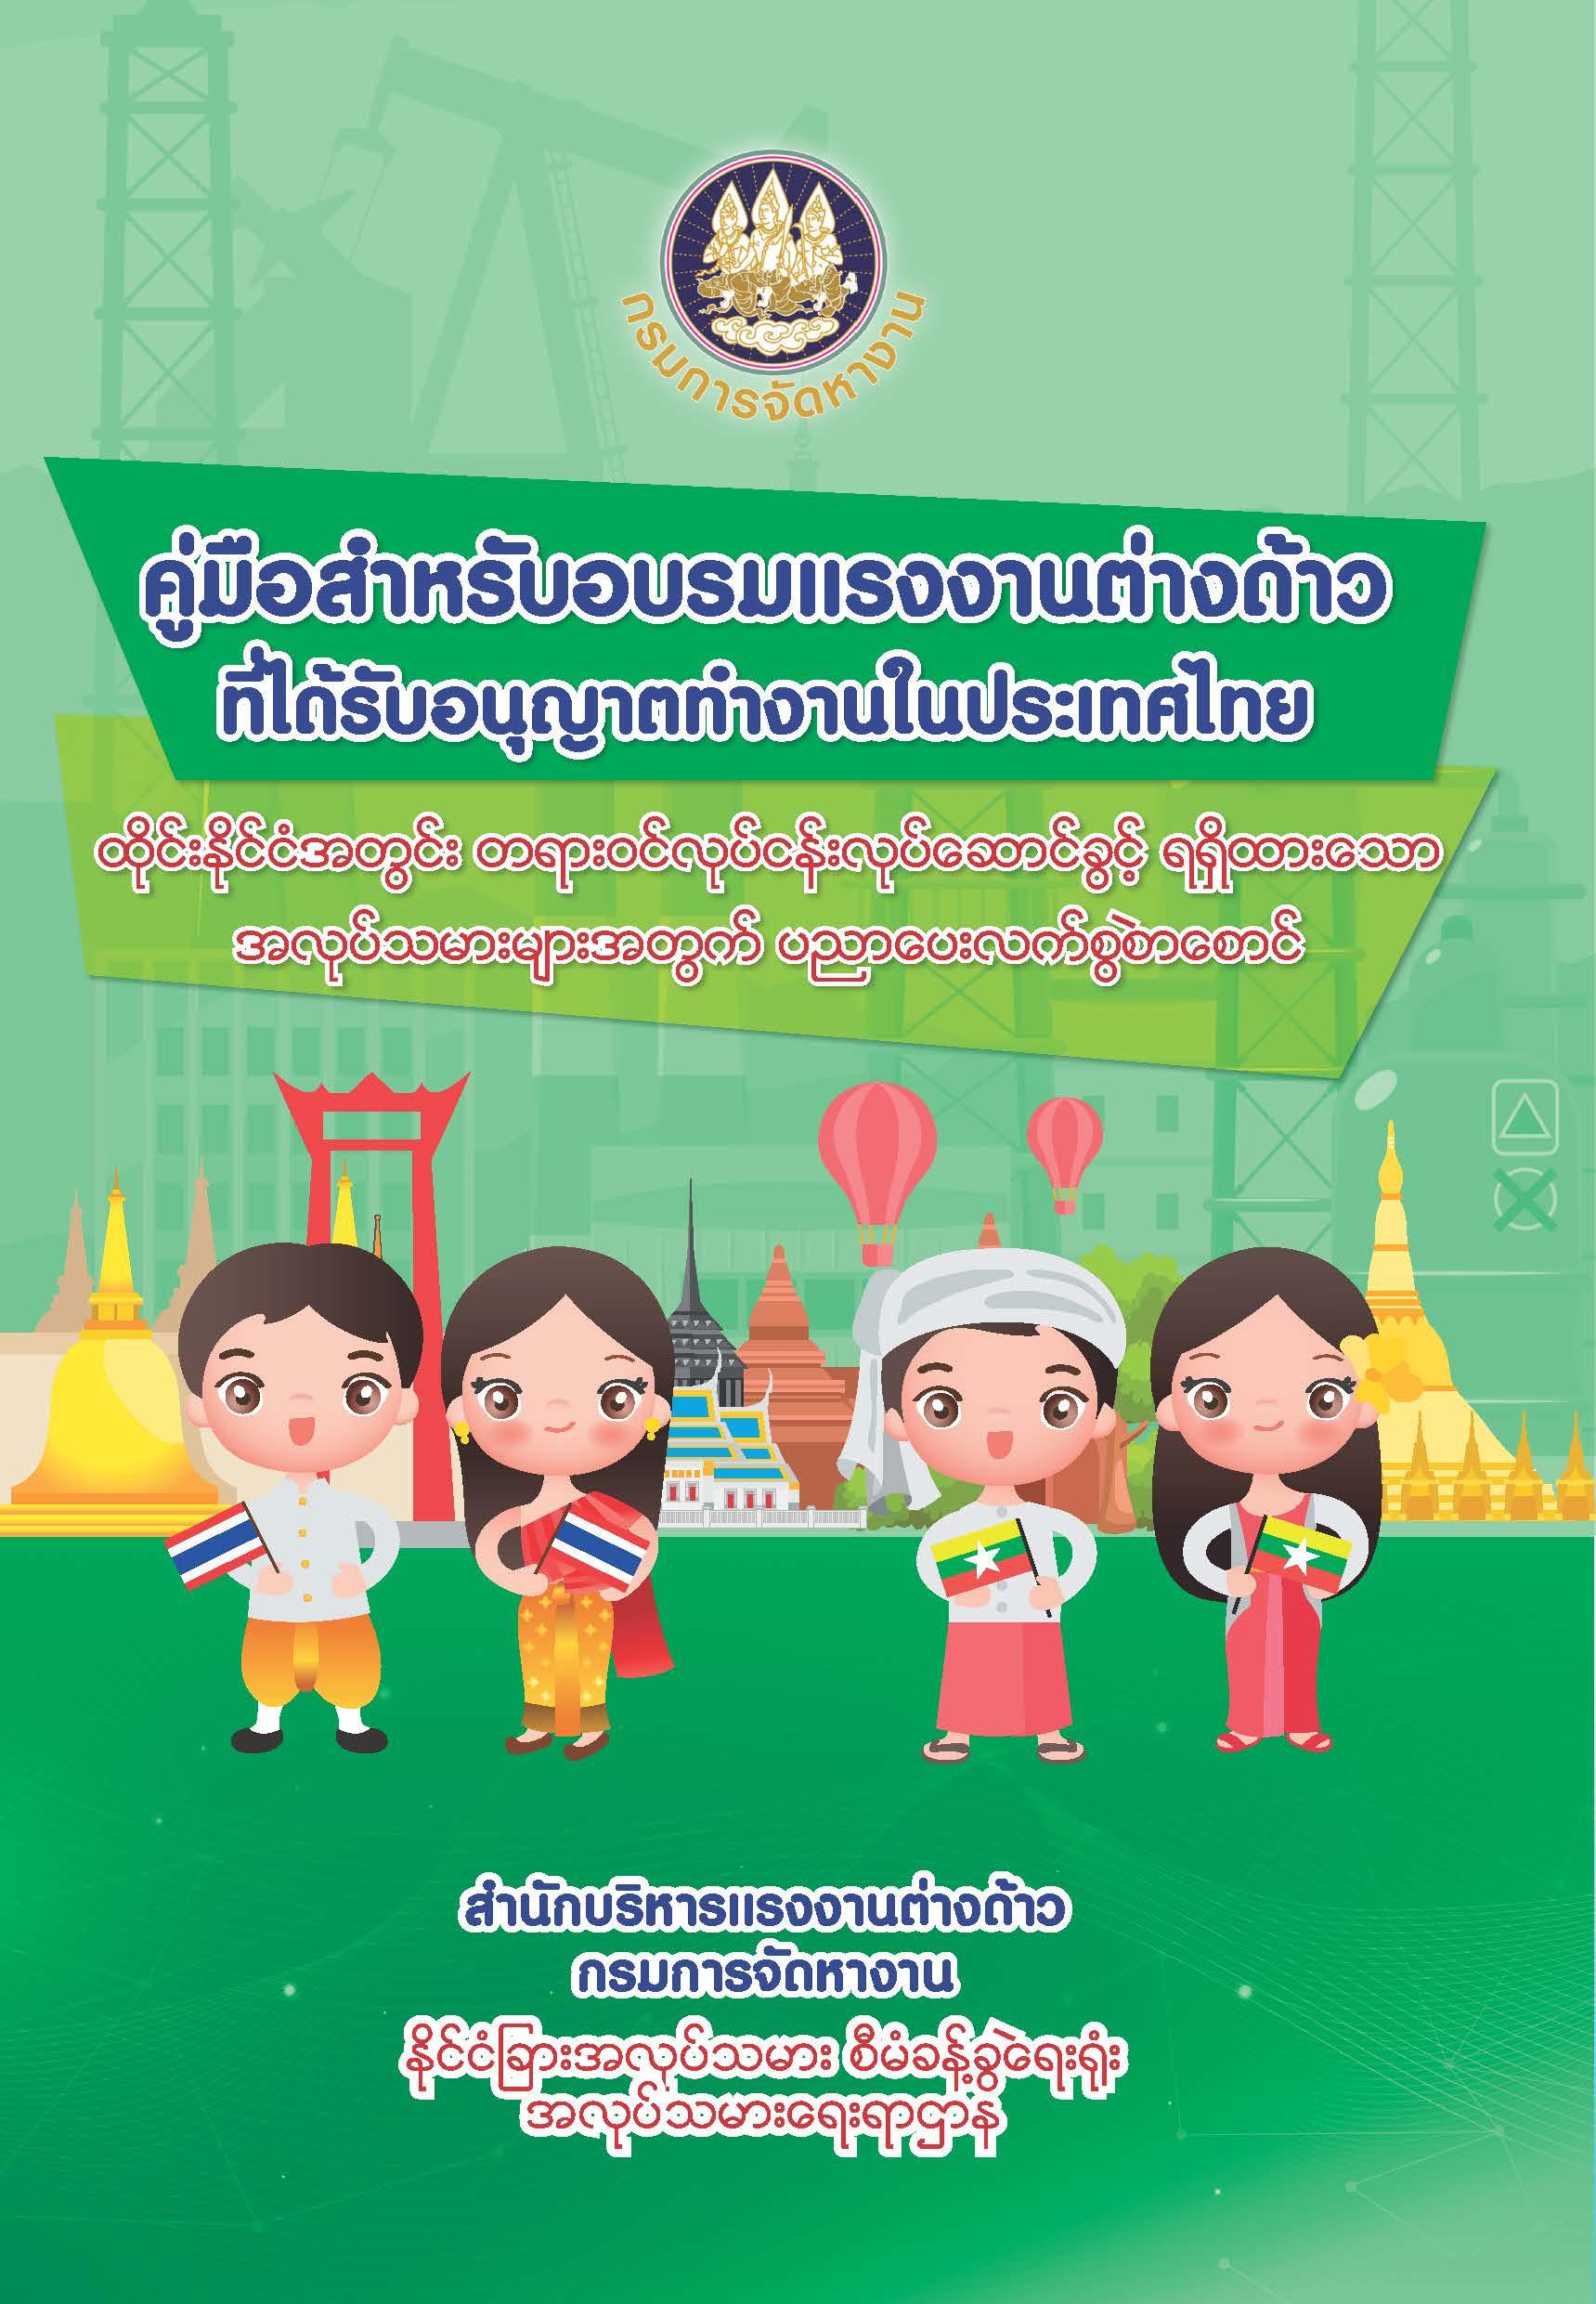 คู่มือสำหรับอบรมแรงงานต่างด้าวที่ได้รับอนุญาตทำงานในประเทศไทย ภาษาเมียนมา